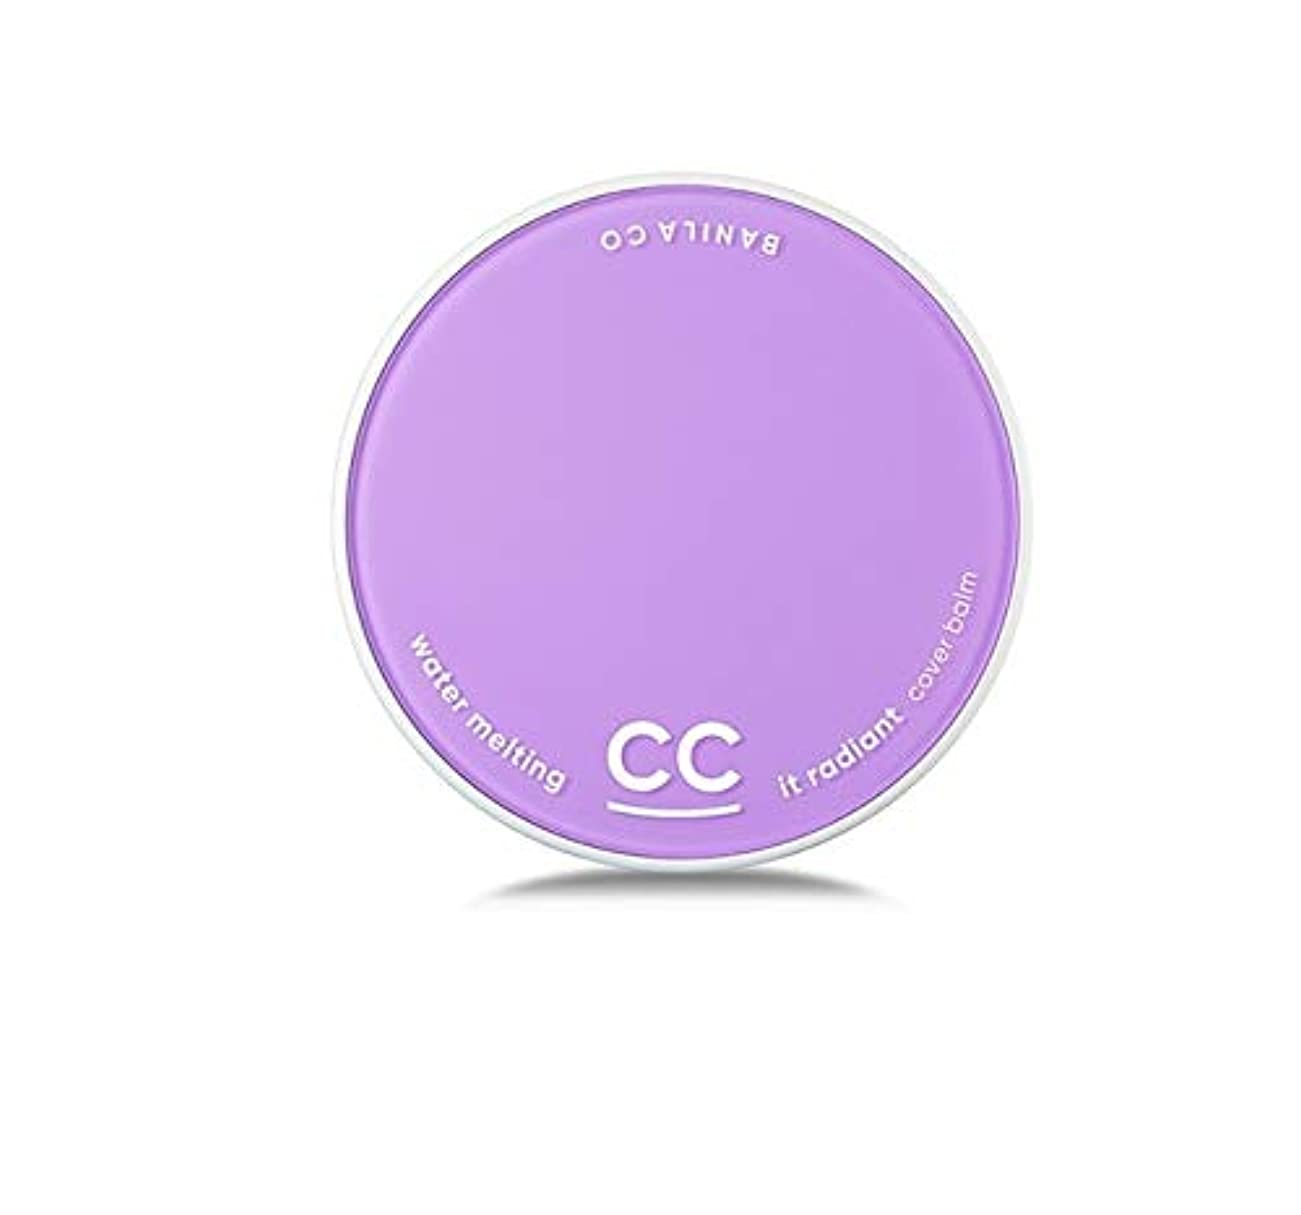 メロンクロスレバーbanilaco It Radiant CCエッセンスカバーバーム/It Radiant CC Essence Cover Balm 15g # natural beige [並行輸入品]